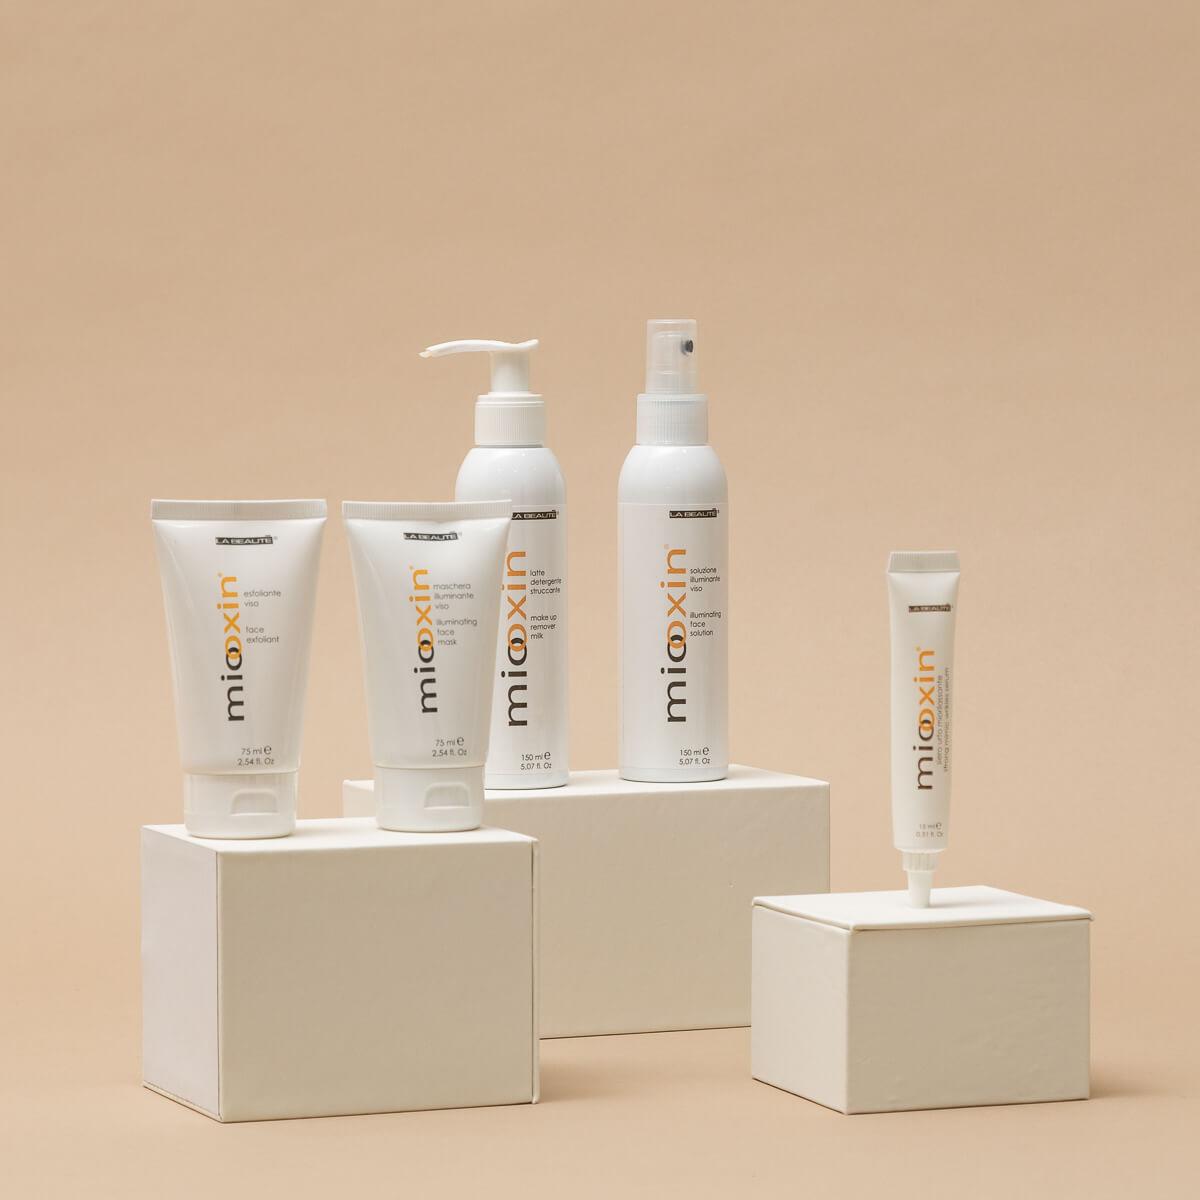 Set completo prodotti Medline Miooxin - La Beautè